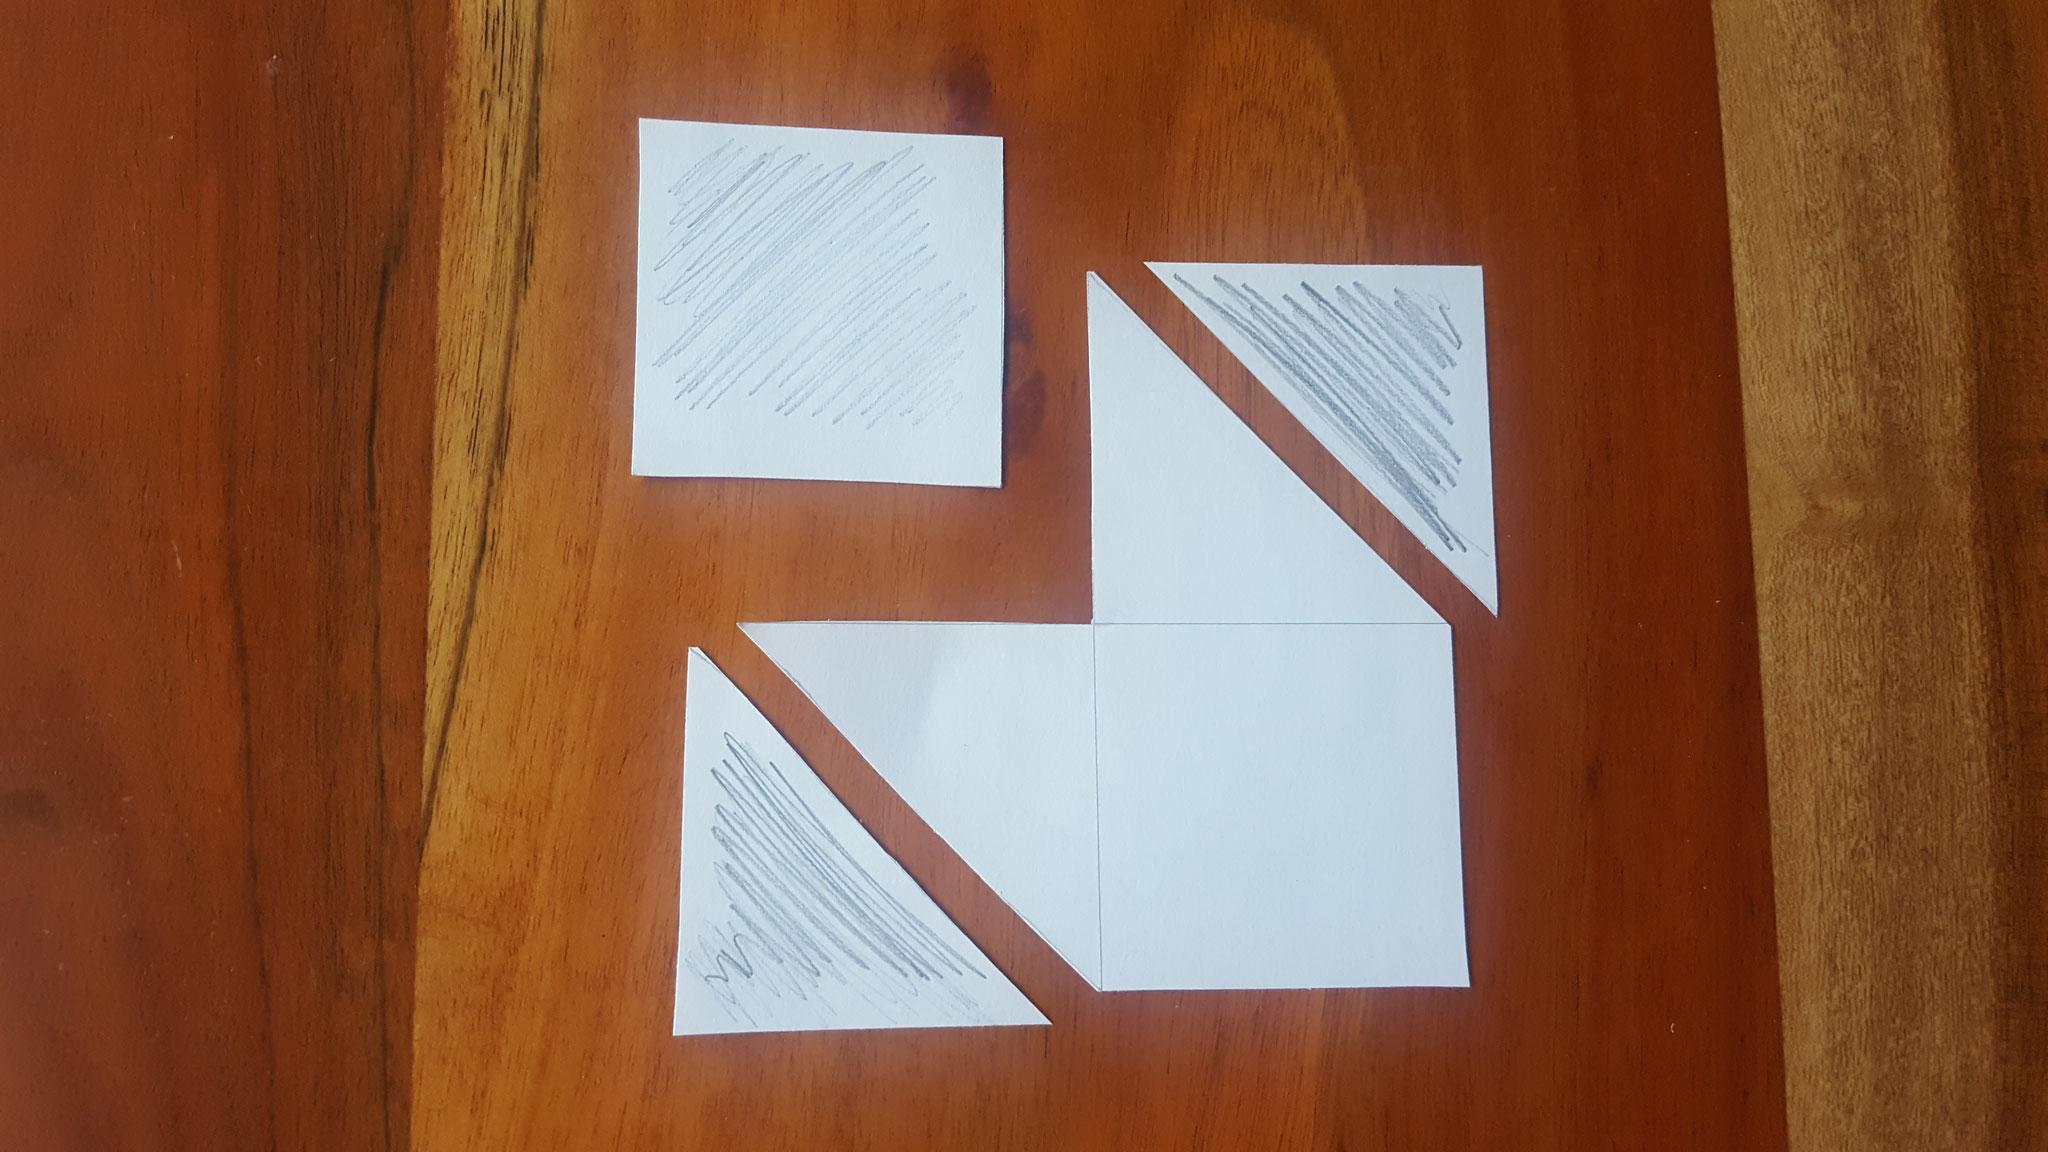 Die beiden äußeren Vierecke halbiert